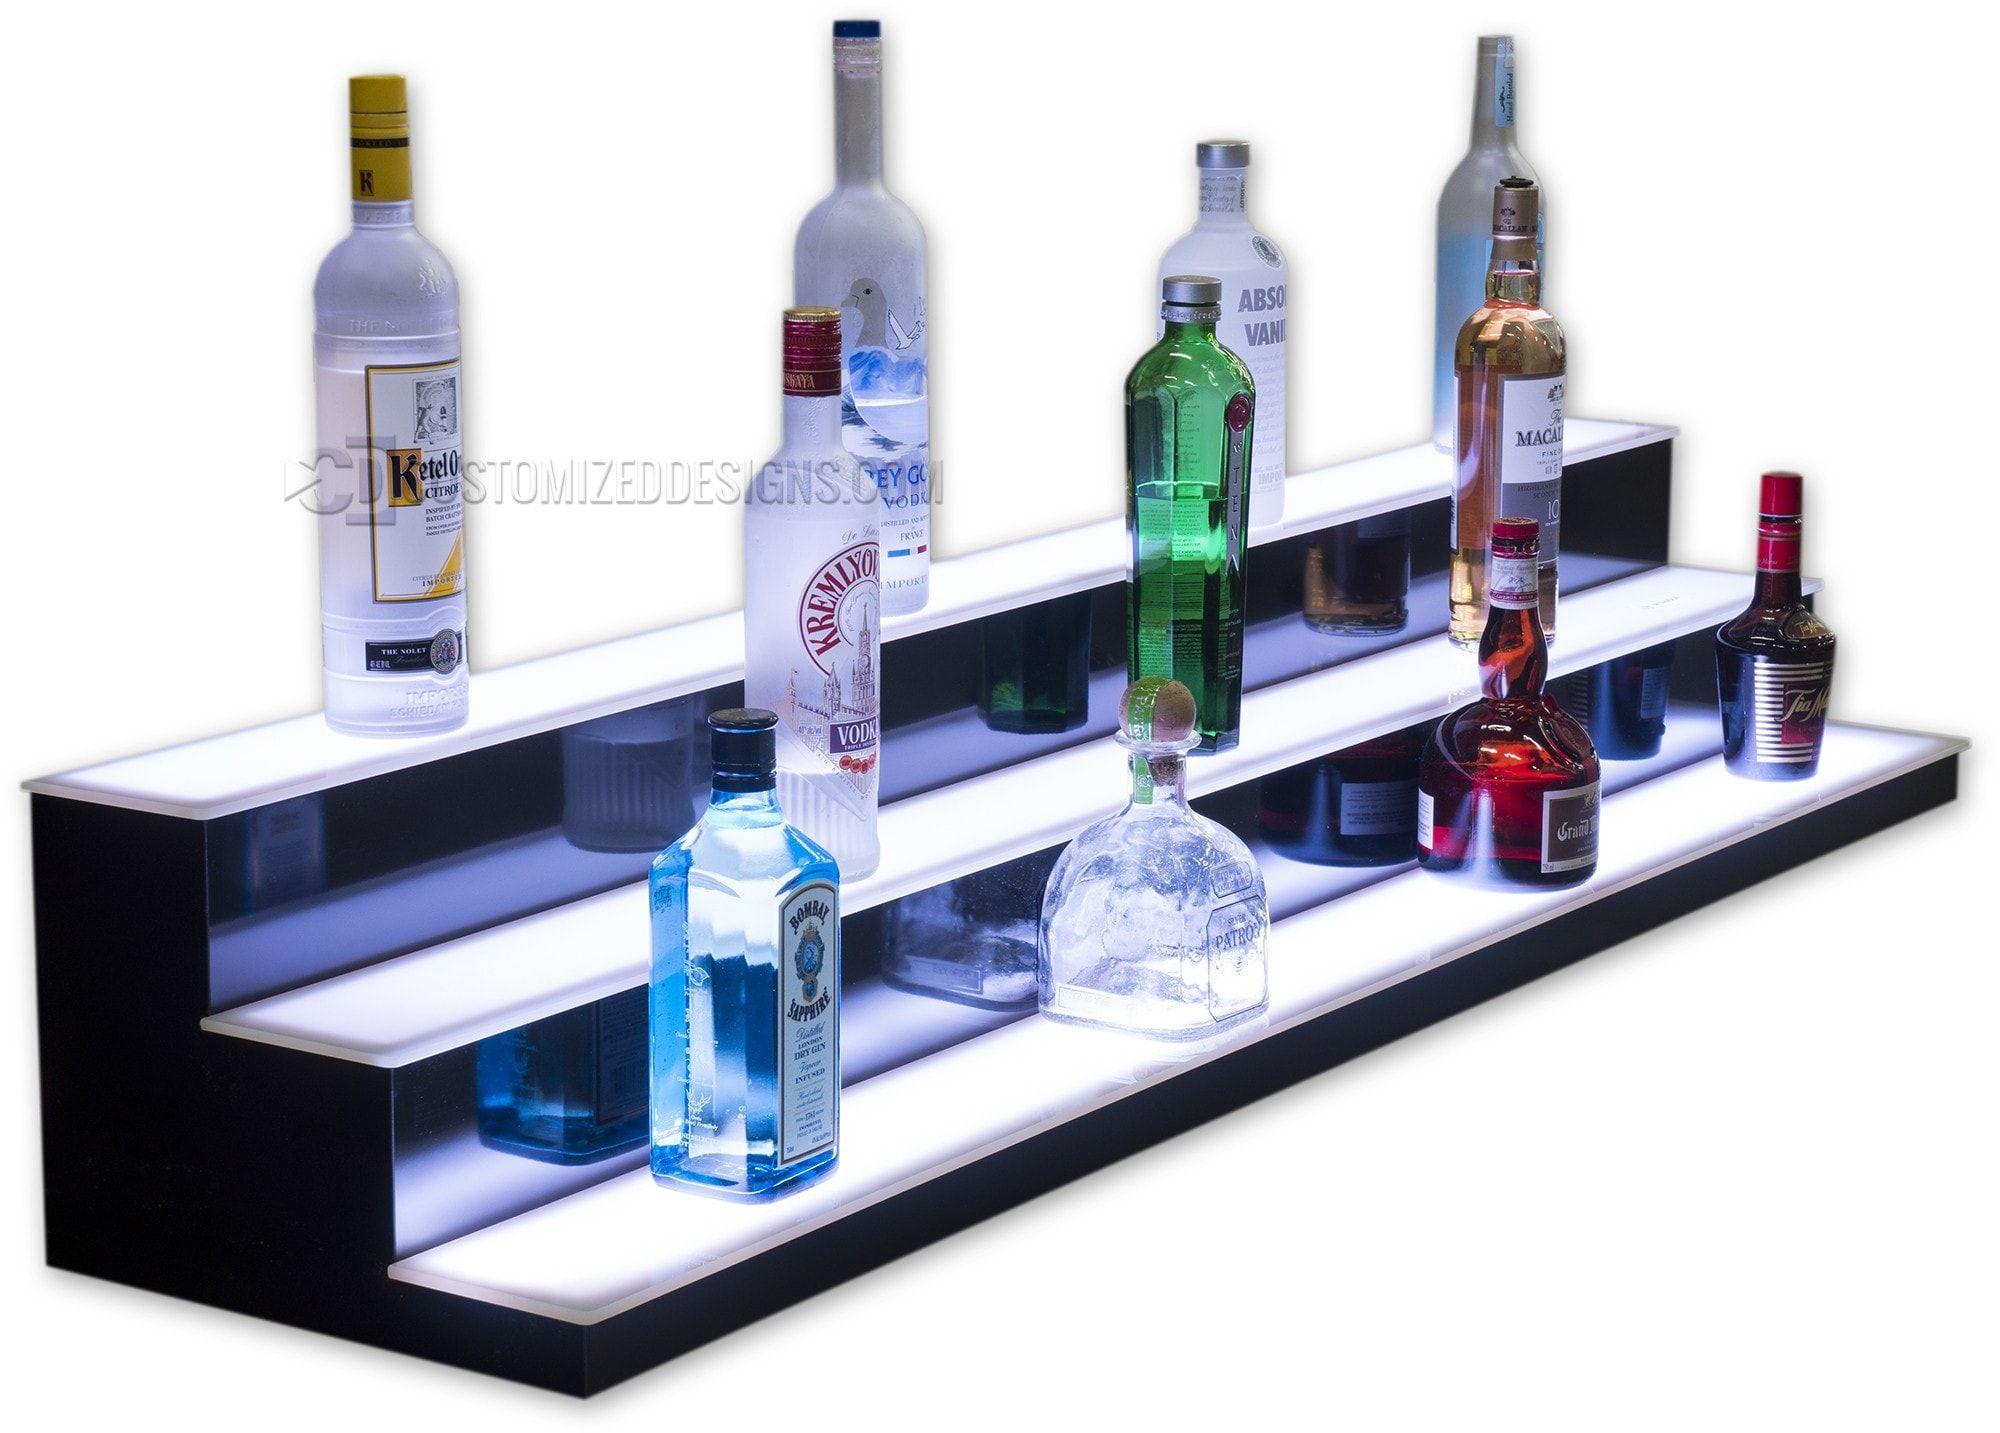 Low Profile Liquor Shelves In 2020 Liquor Bottle Lights